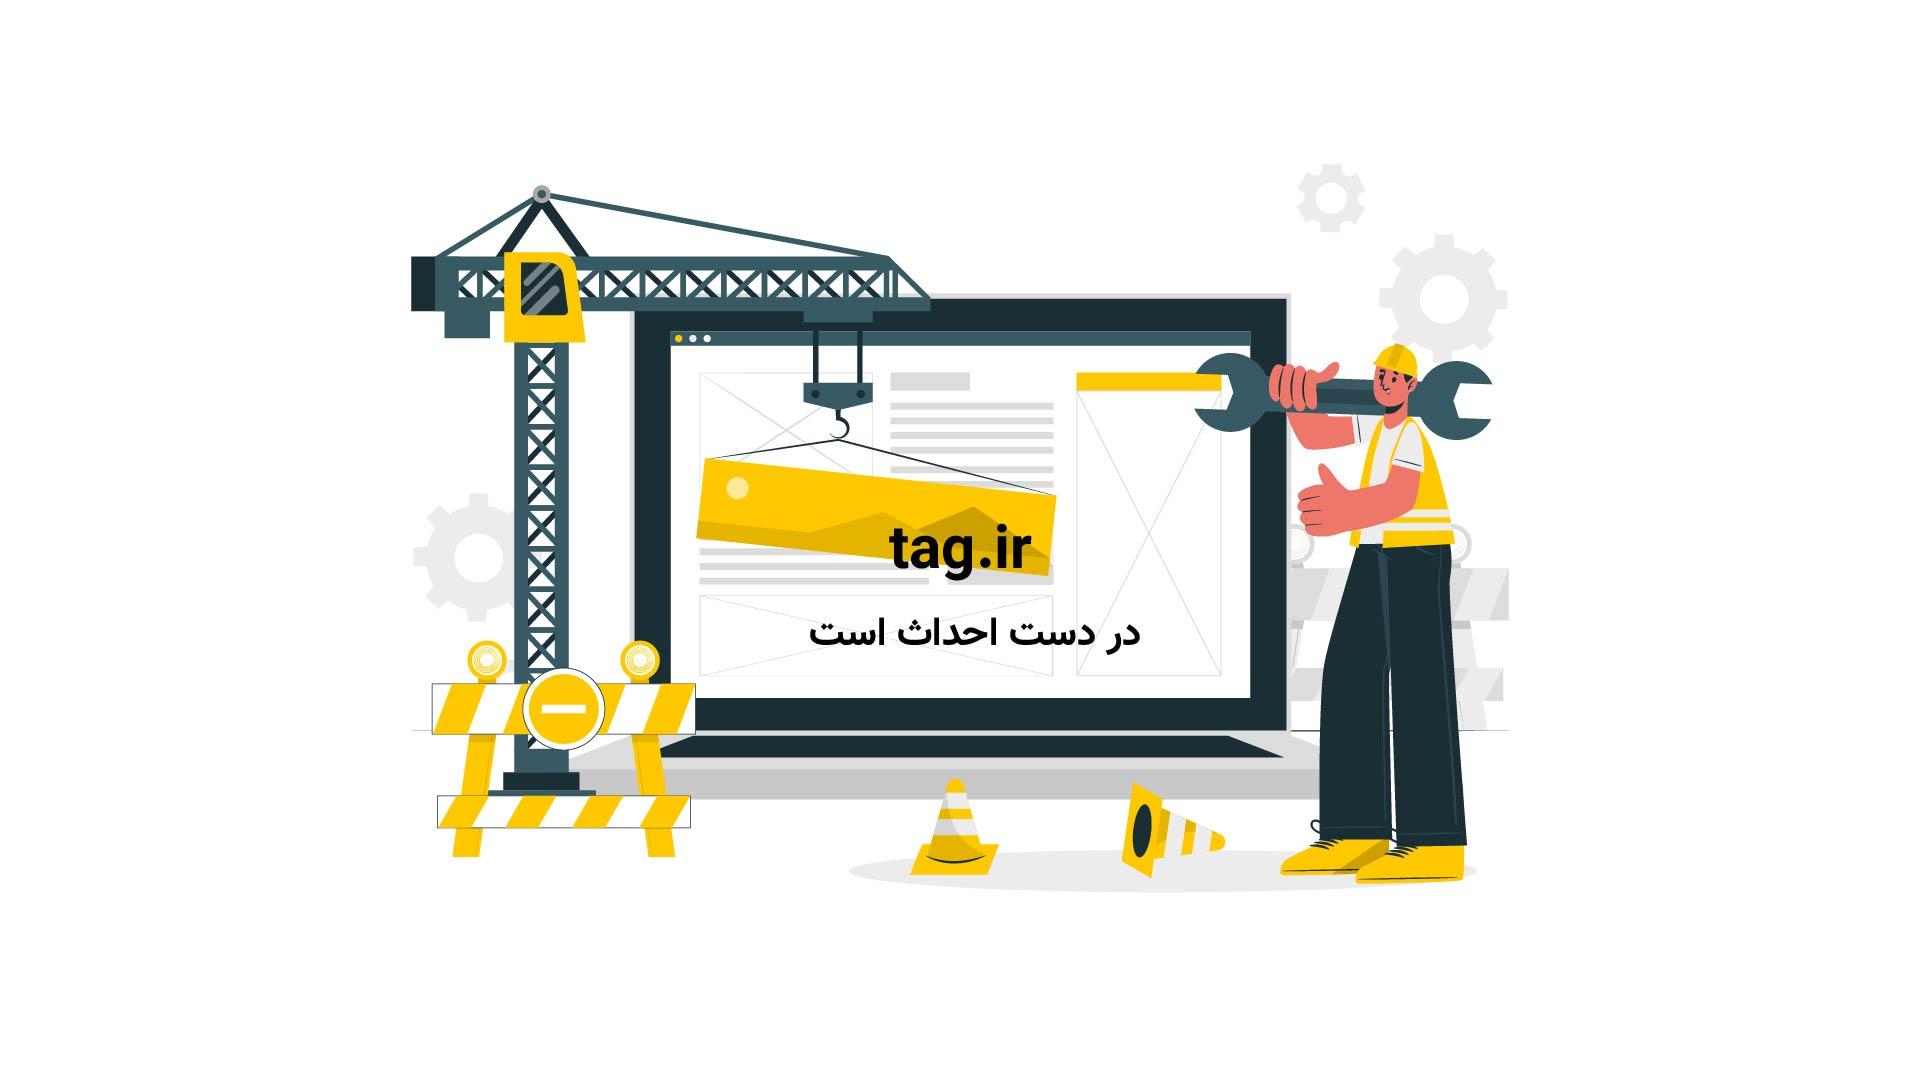 دسر نان با میکس بلوبری | تگ